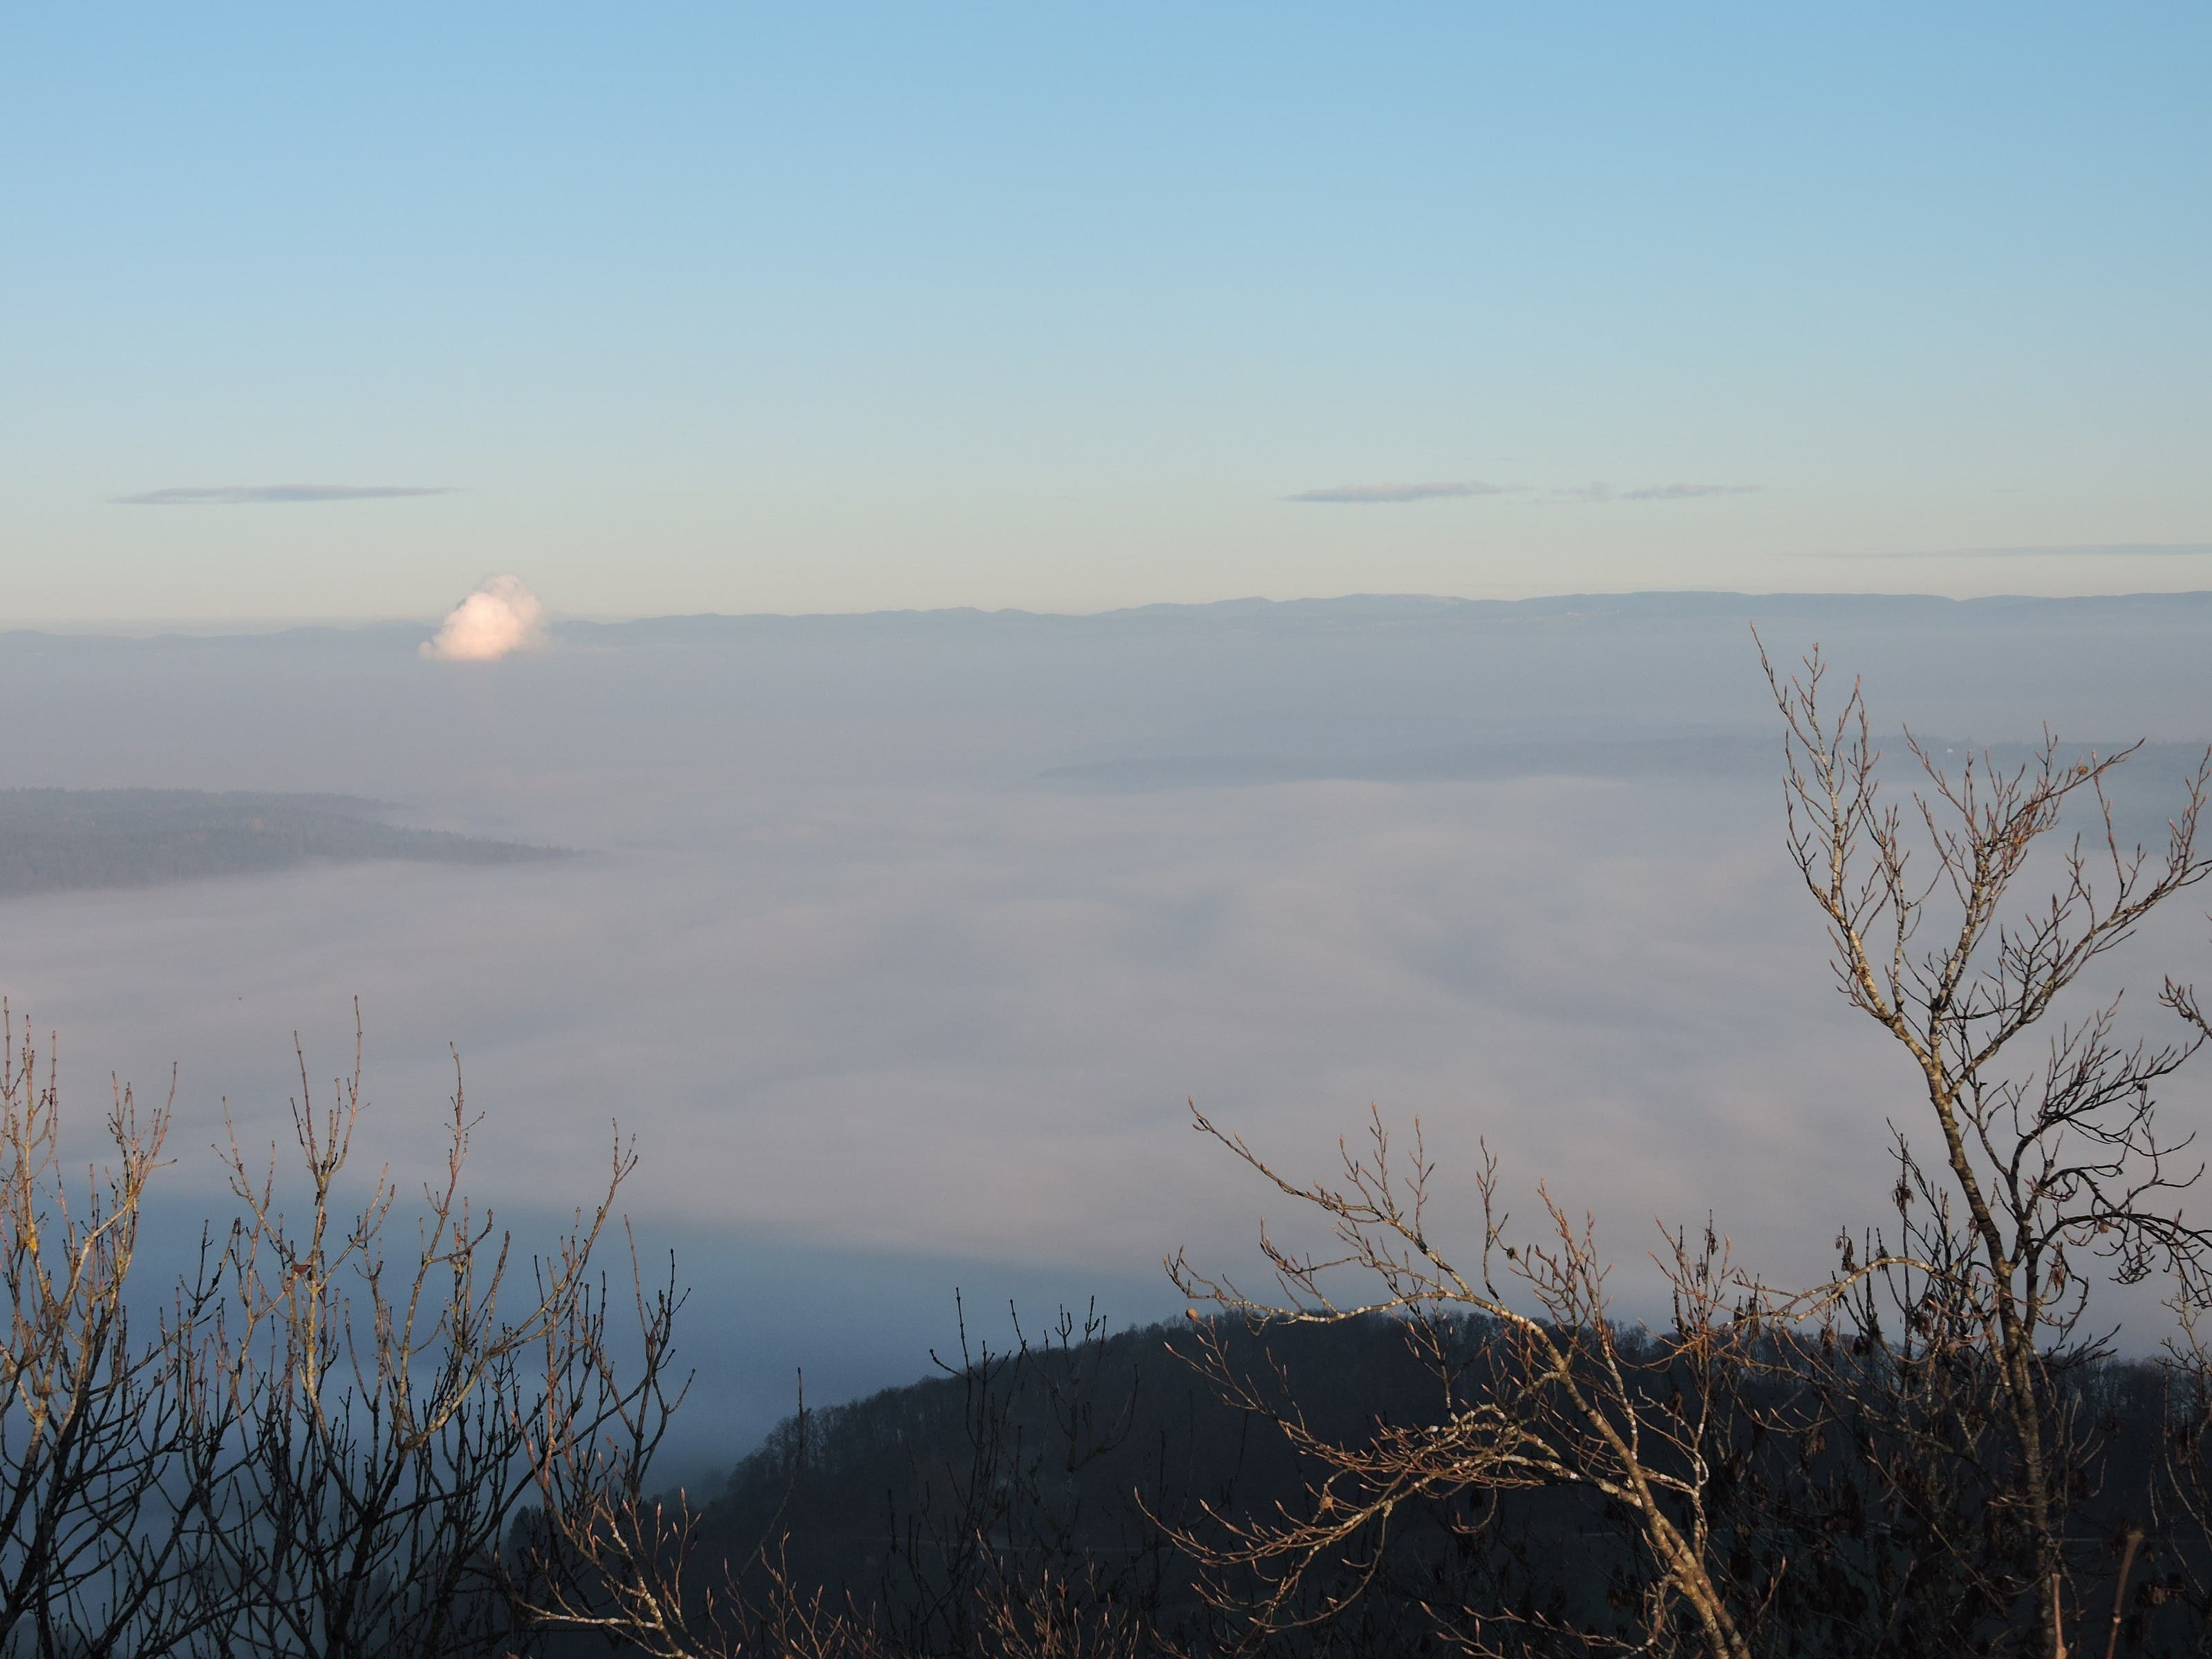 Daniel Weissenbrunner, Redaktor Zurzach-Aaretal Ein Nebelmeer im Morgenlicht, aber wo? Hätten Sie es erkannt? Die Wasserdampfsäule verrät es. Der Blick schweift vom Burghorn oberhalb von Baden nordwärts. In Watte verpackt das Zurzibiet mit seinen Reaktoren Leibstadt sowie Beznau 1 und 2. Es ist das Herz der Kernkraft im Land. Nach dem Nein zum Atomausstieg wird sich daran zumindest vorläufig nichts ändern.